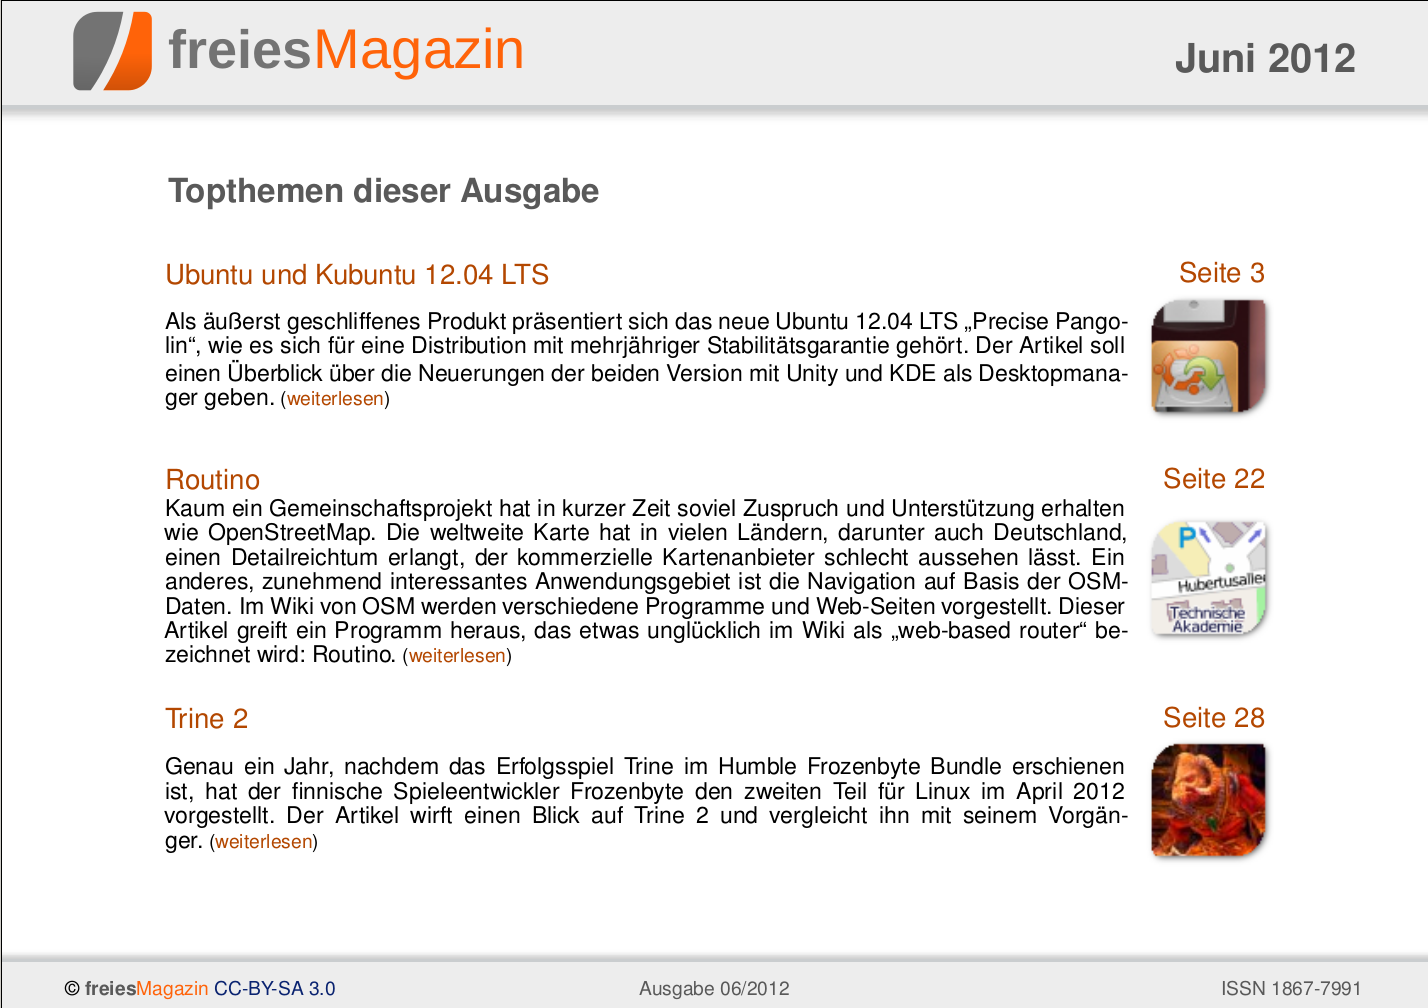 freiesMagazin 06/2012 Titelseite